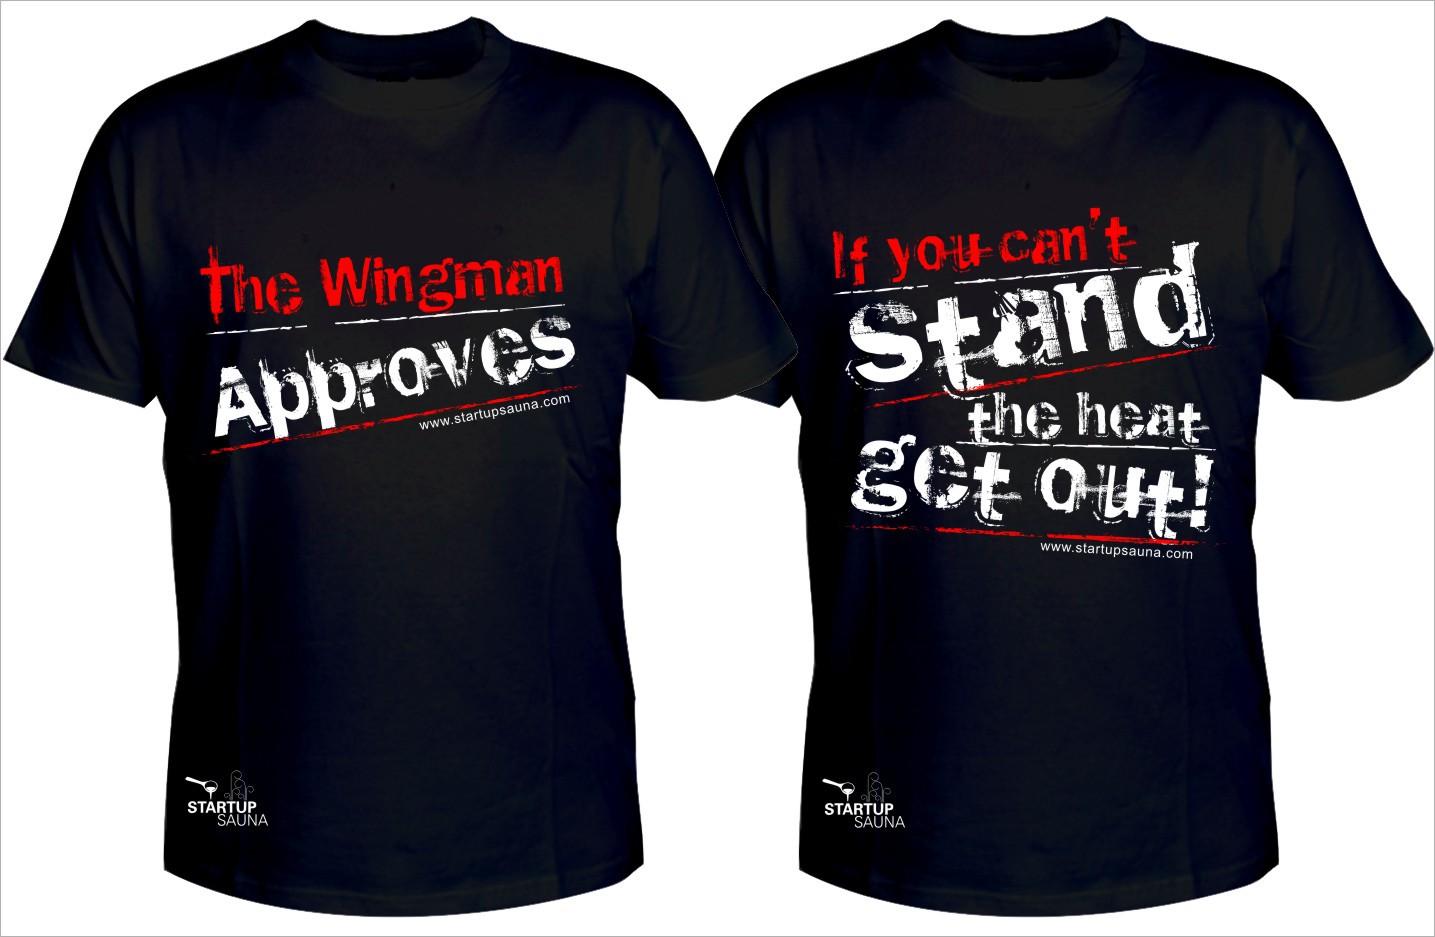 Startup Sauna needs a new t-shirt design